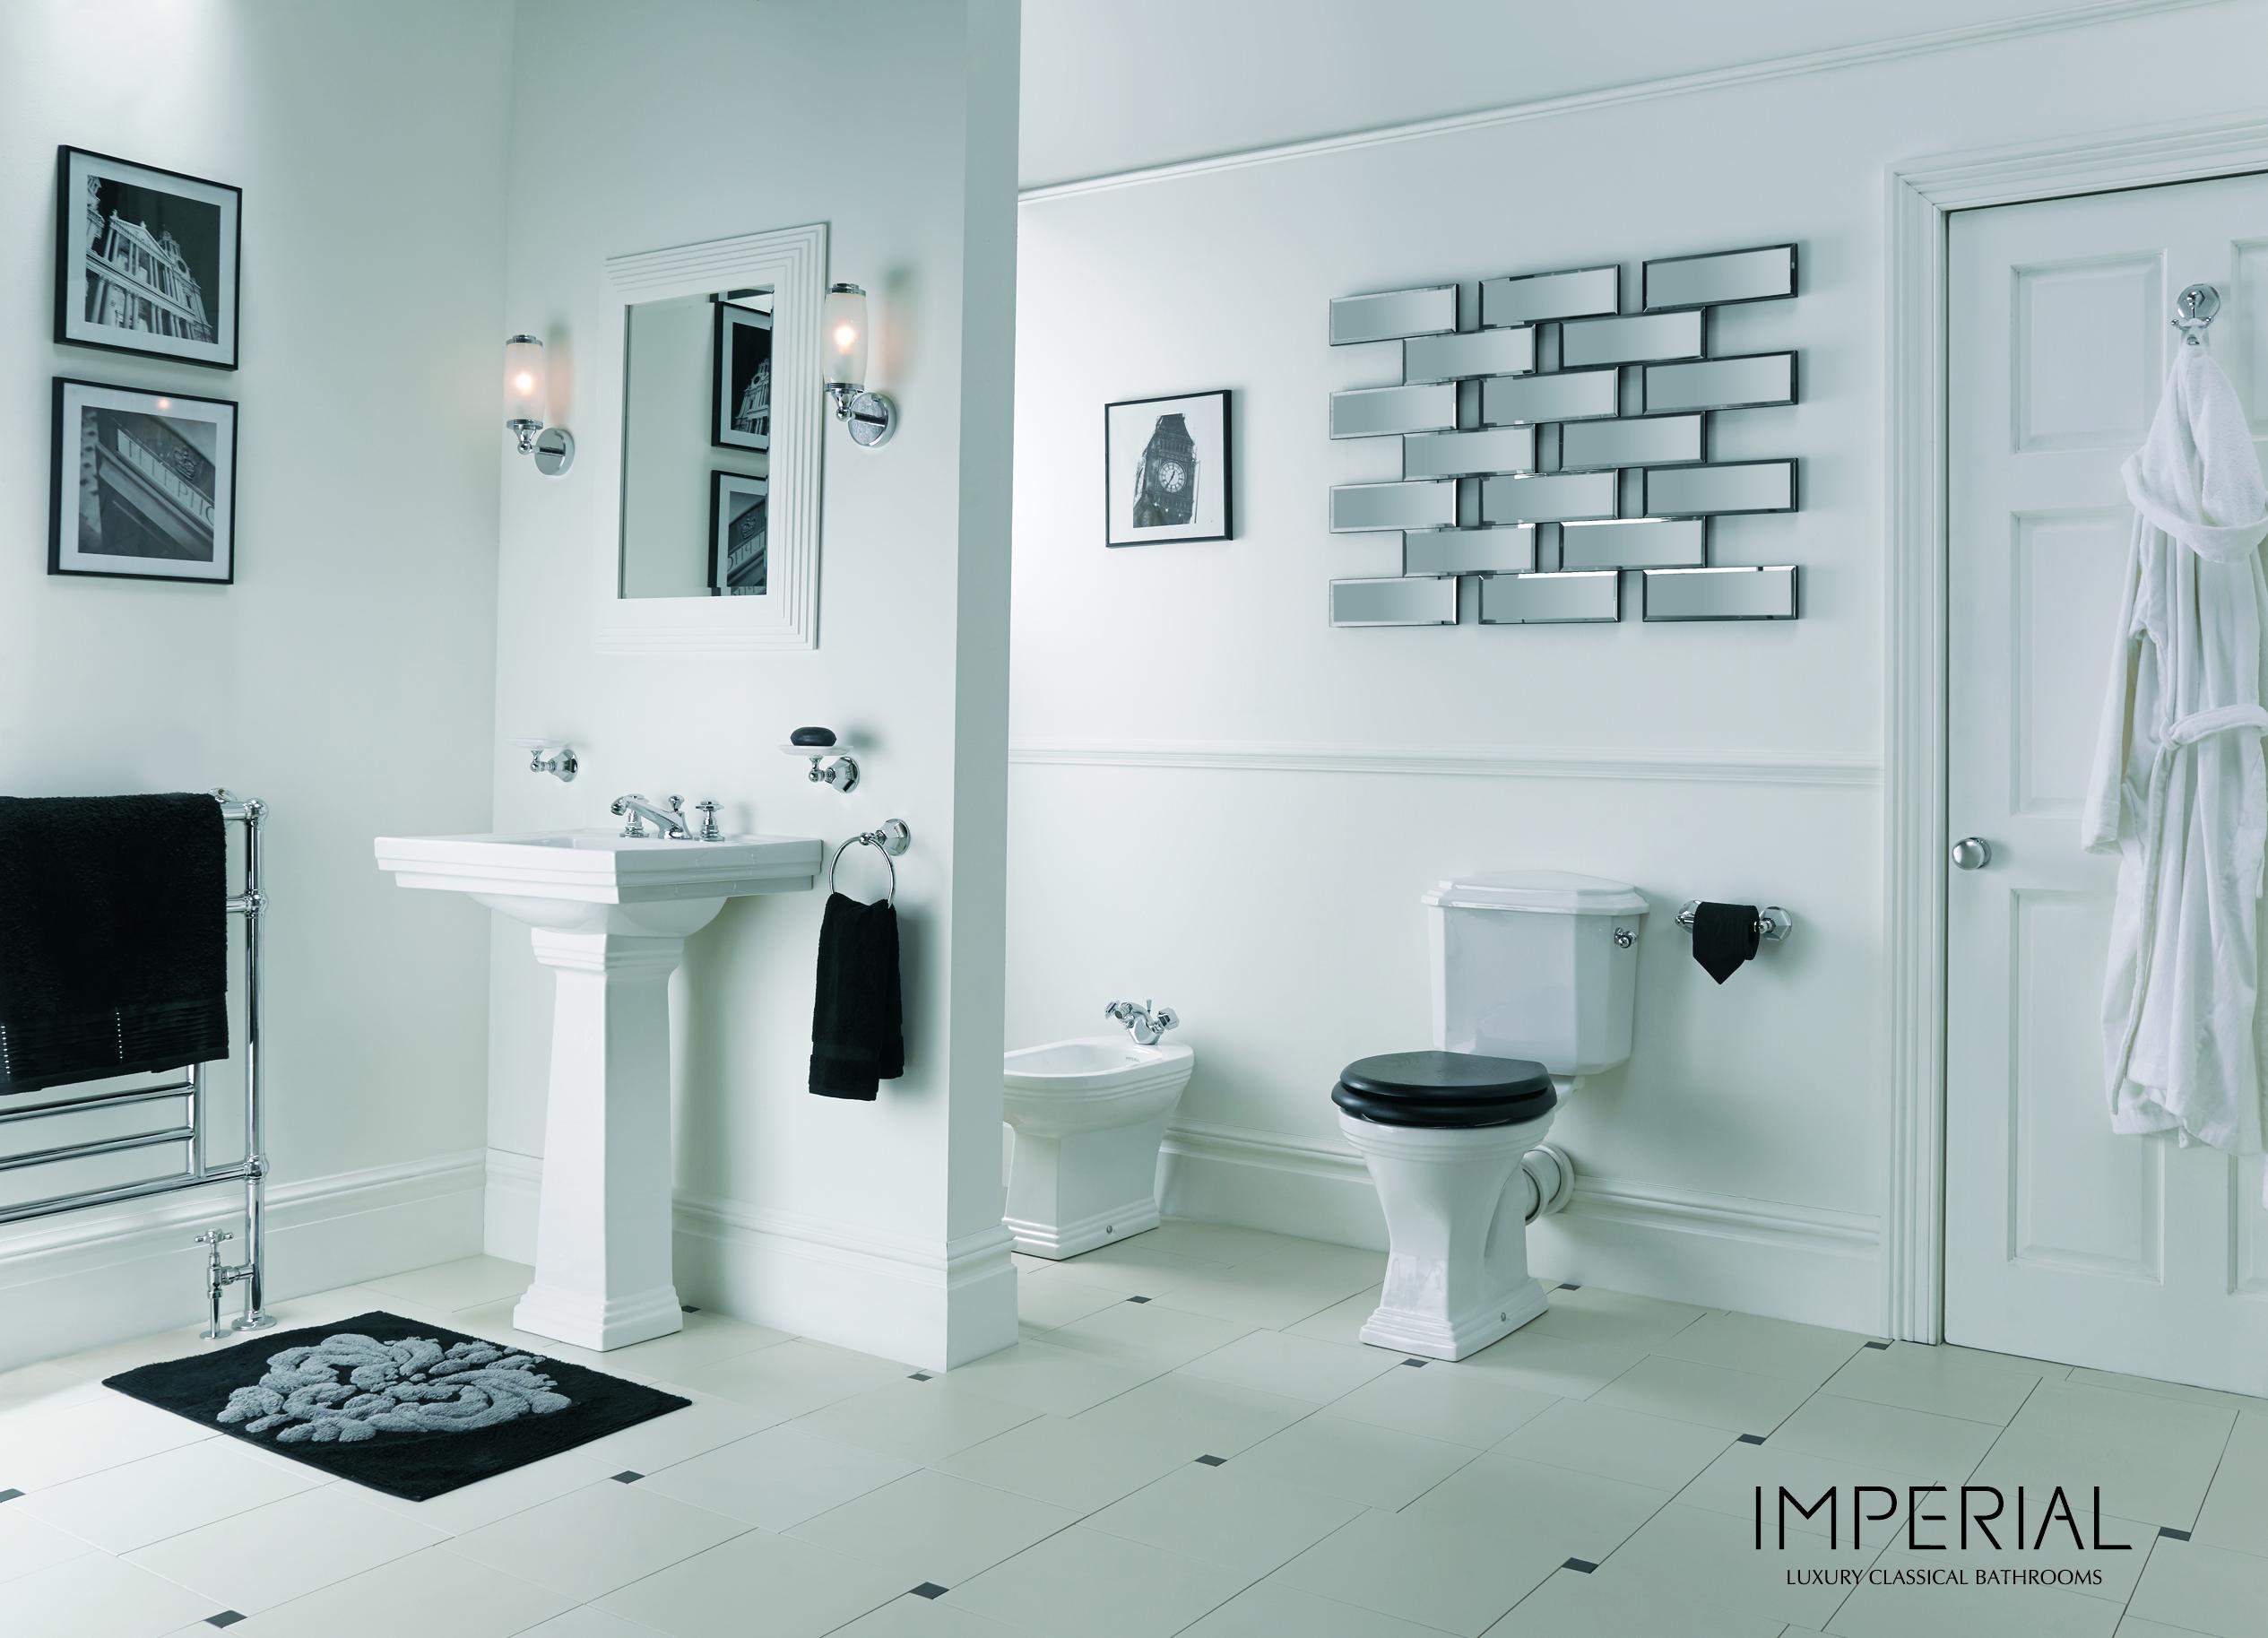 Imperial-Bathrooms-Badexclusief-Groningen , Nederlands dealer van luxe klassiek sanitair en kranen, en vrijstaande baden op pootjes in nostalgische look.